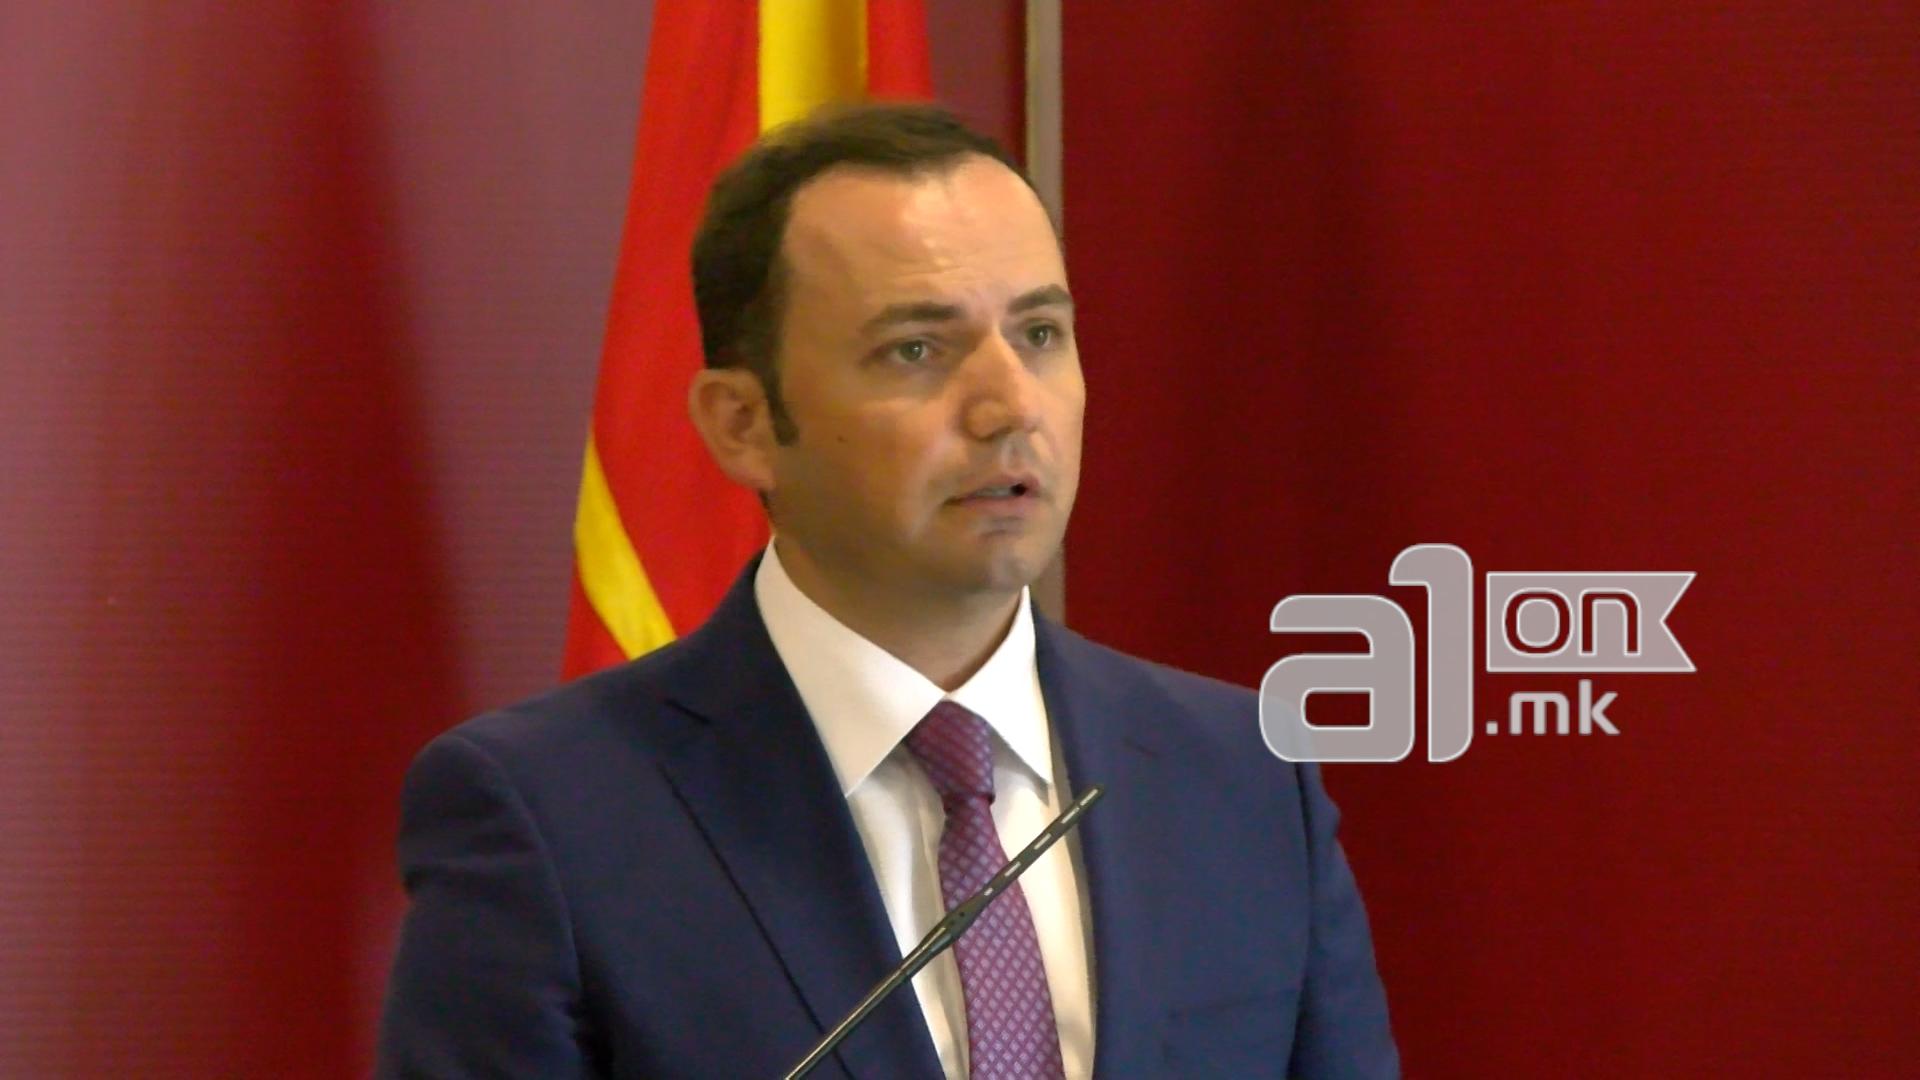 Османи  Будно ја следиме ситуацијата со Србија  не би брзале со заклучоци